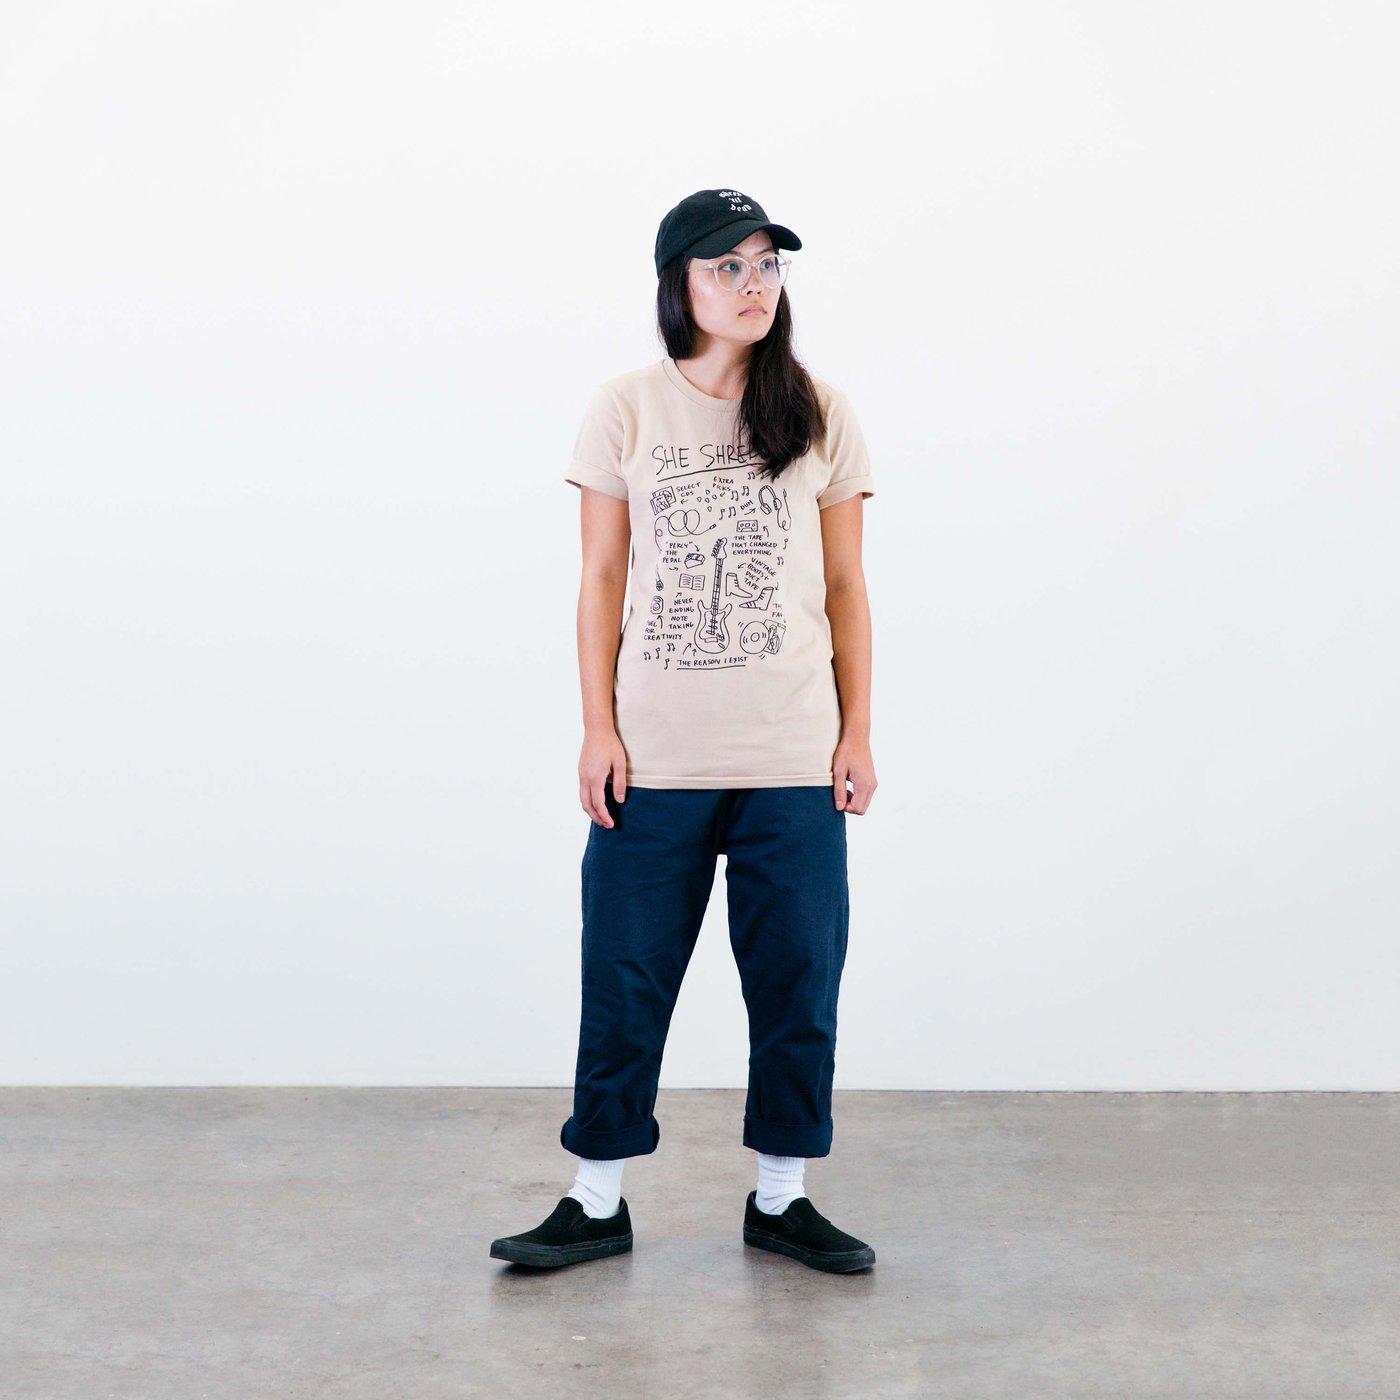 SS_T-shirt2.jpg